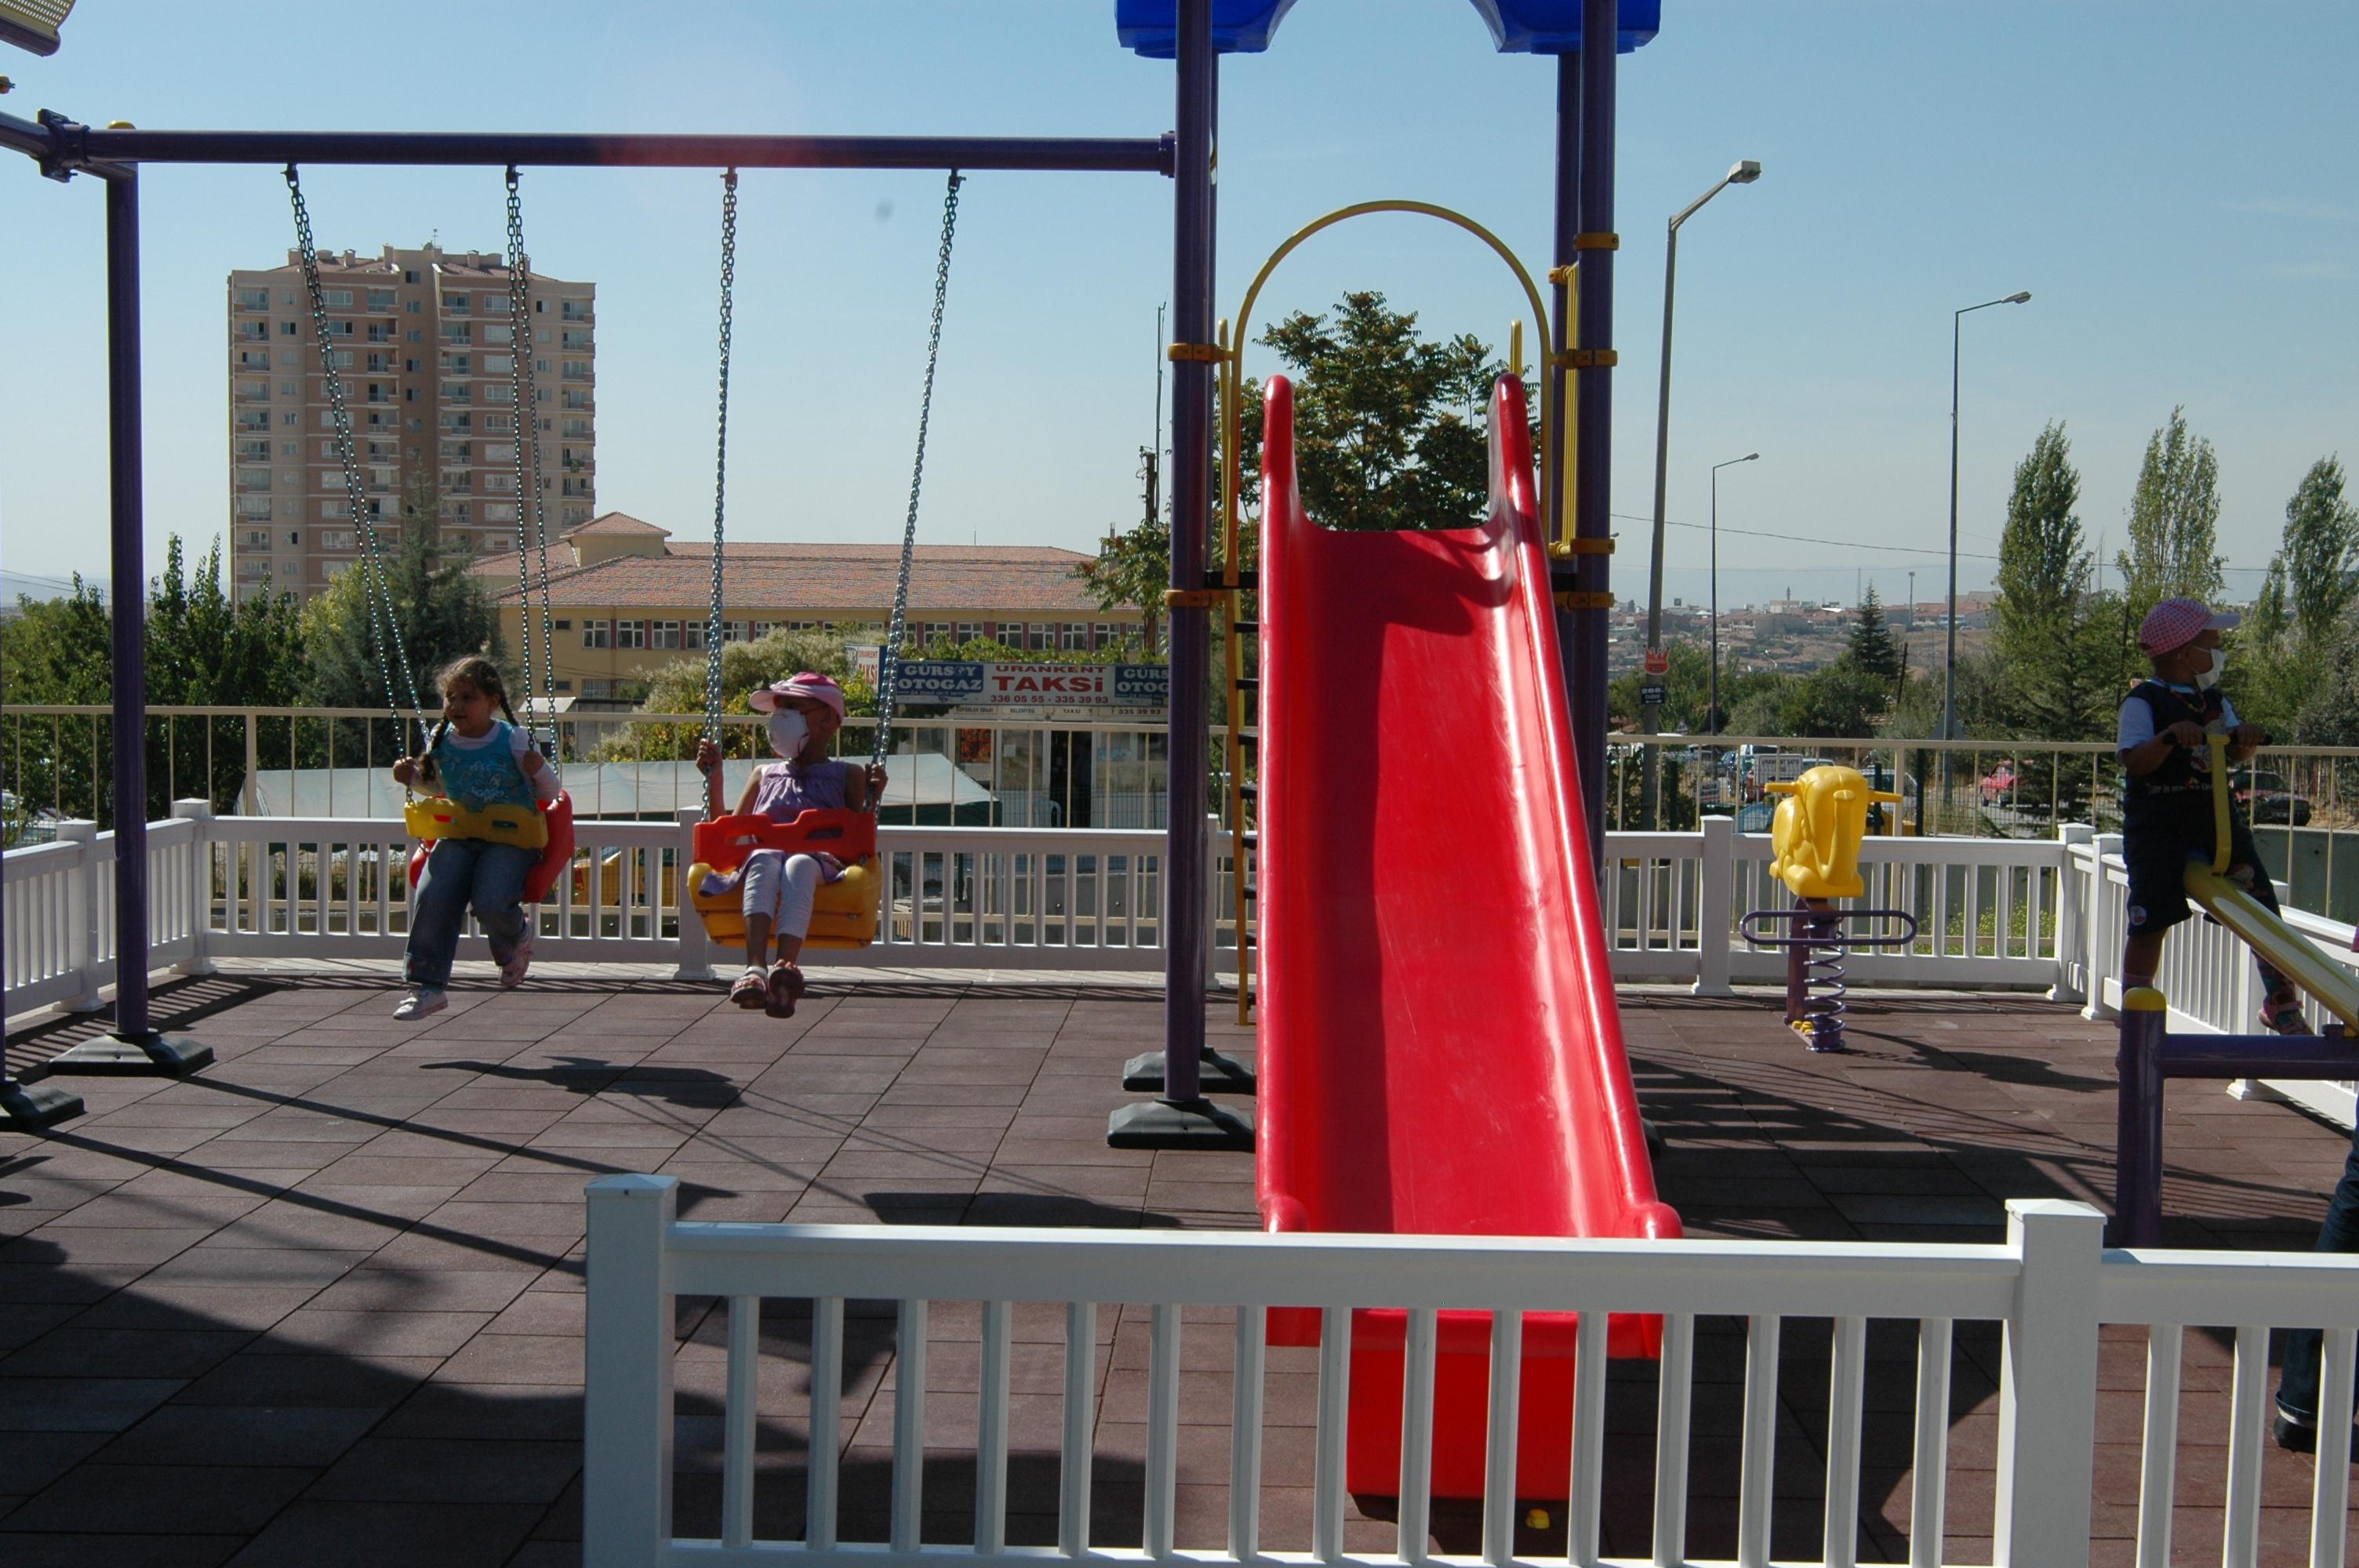 Onkoloji Çocuk Hastanesine oyun parkı yaptık.